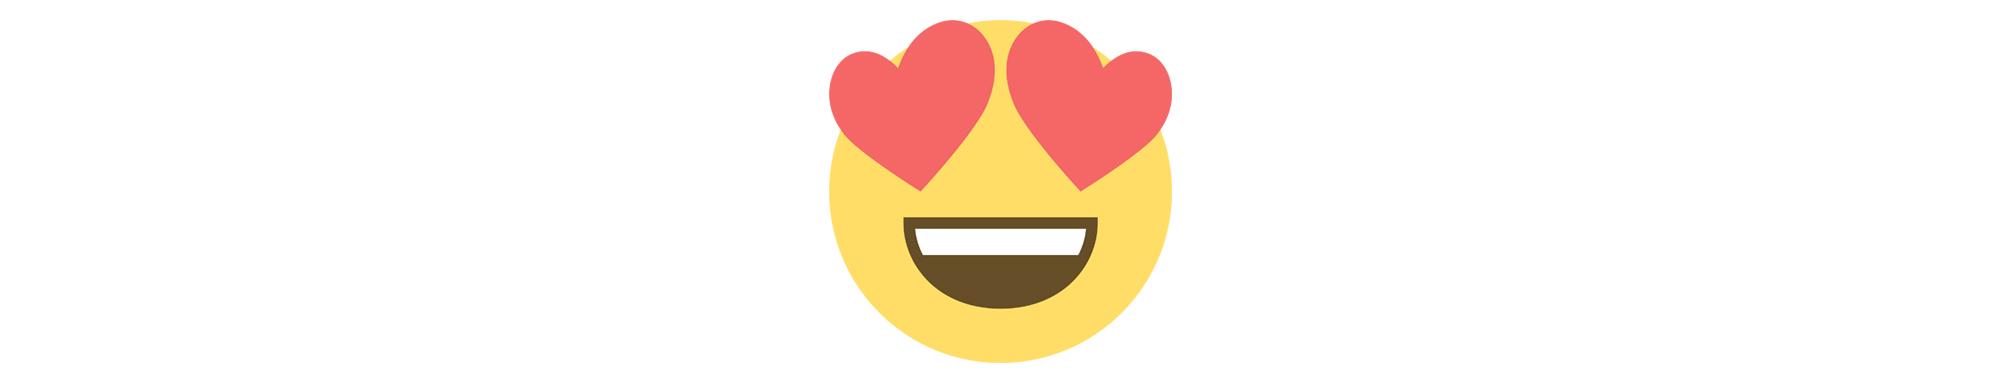 love-emoji kopiera.jpg